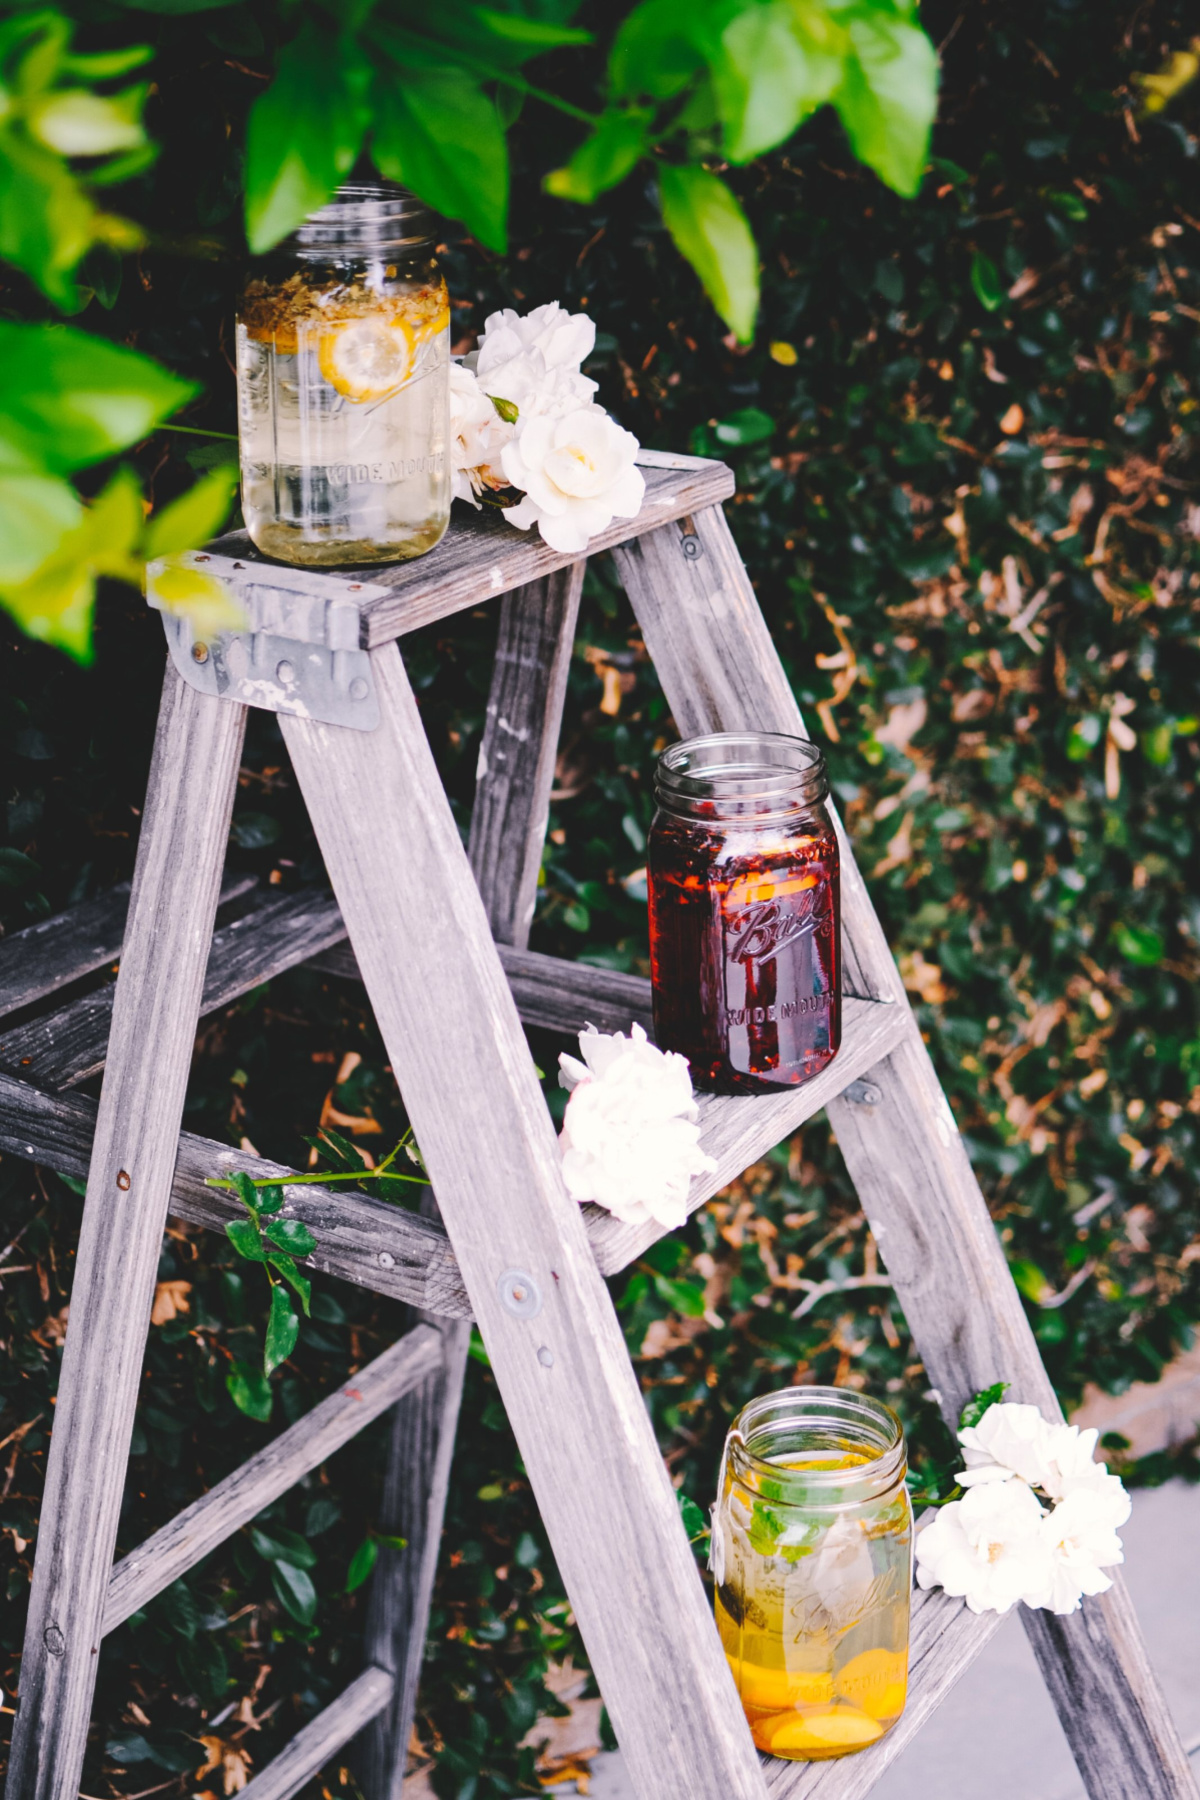 jars of tea sitting on a ladder